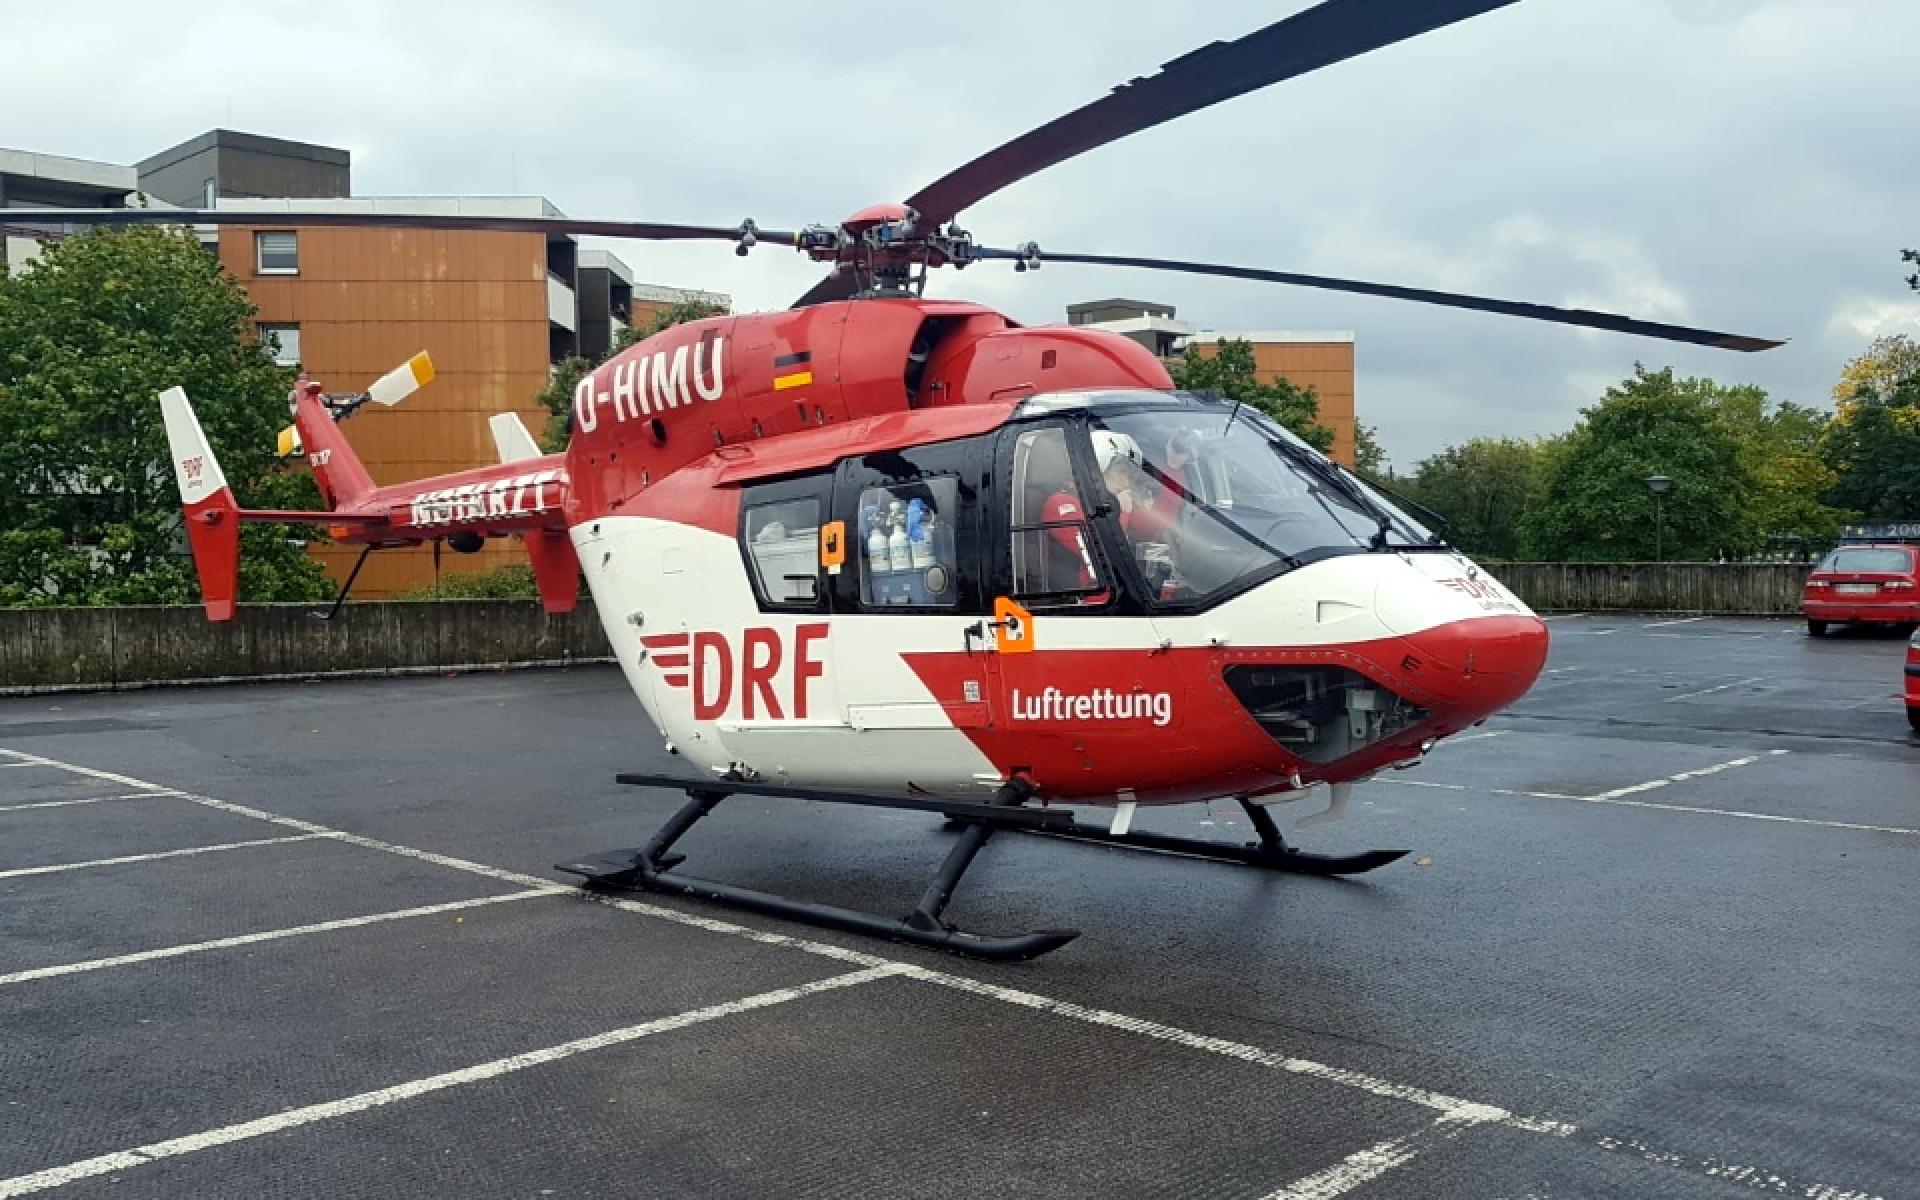 Nach neun Minuten erreicht die Dortmunder Crew den Einsatzort und landet auf dem Parkdeck der Schule.